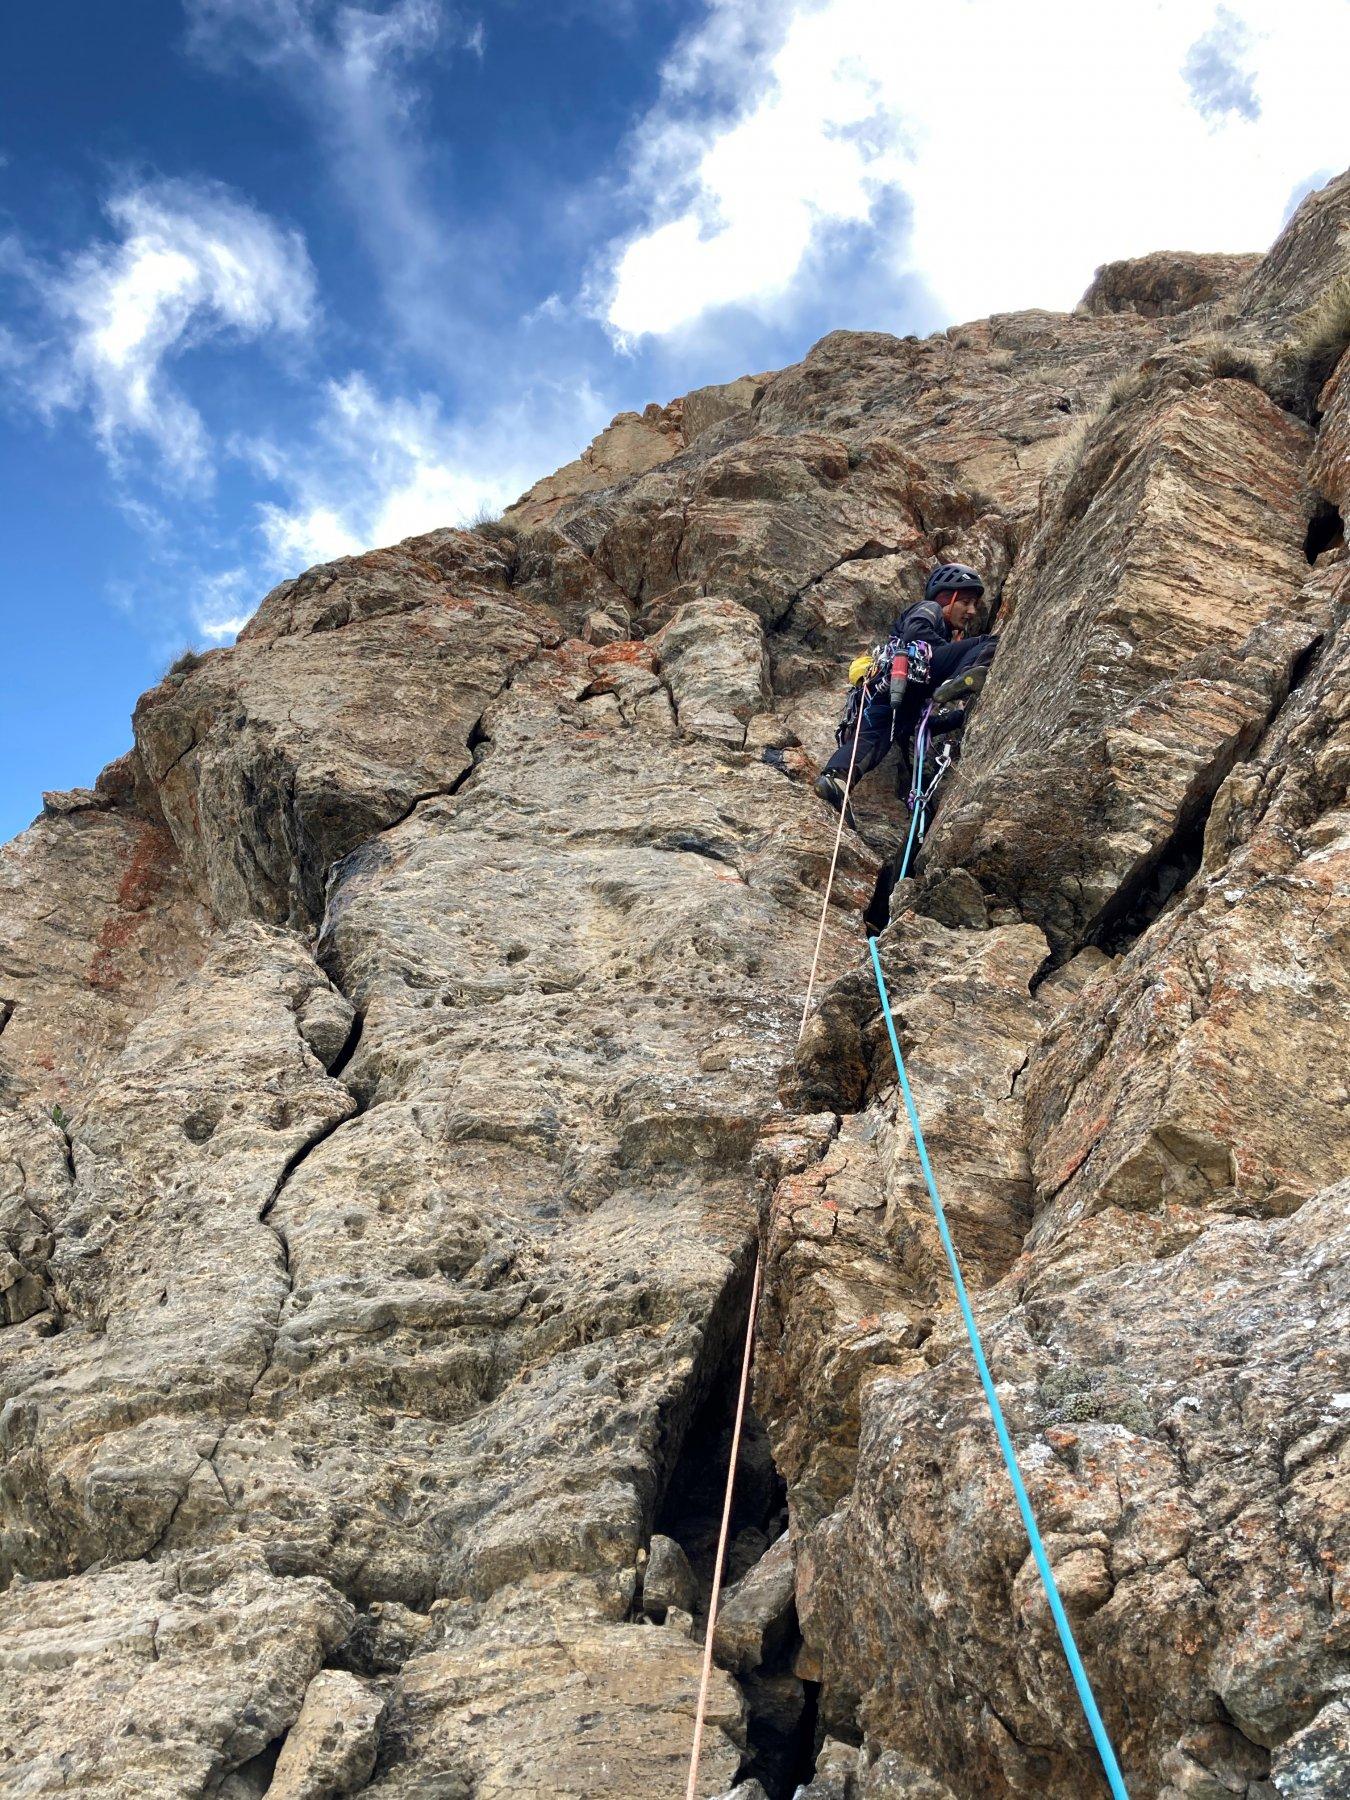 Ciardonnet (Parete dell'Alpe) Capitan Uncino, Spugna e le Bretelle di Natale 2020-05-19